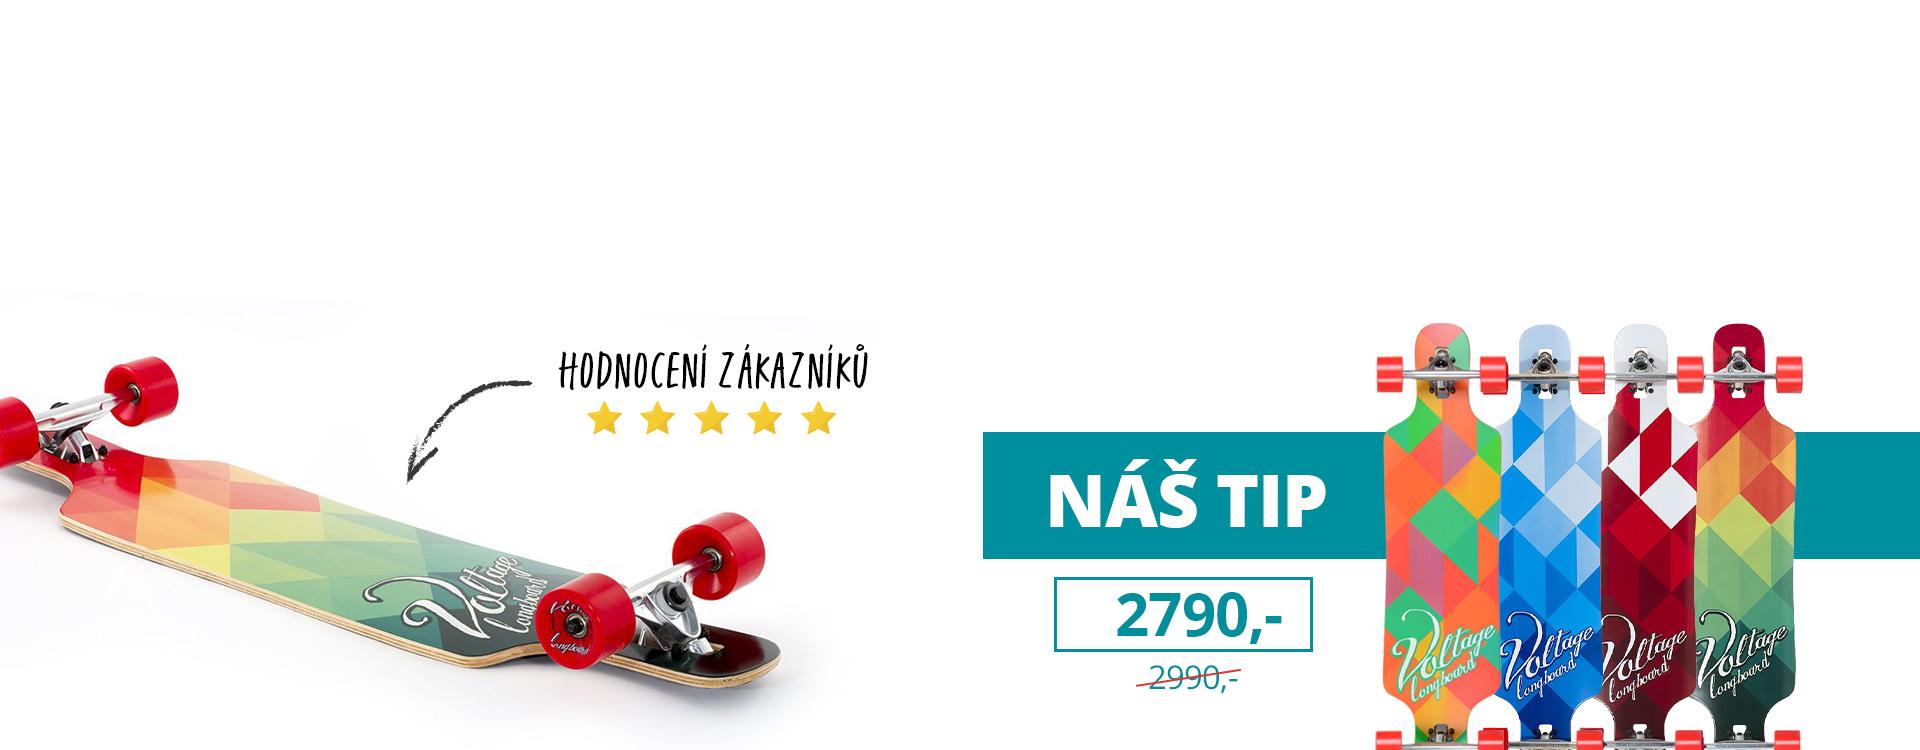 detske skateboardy